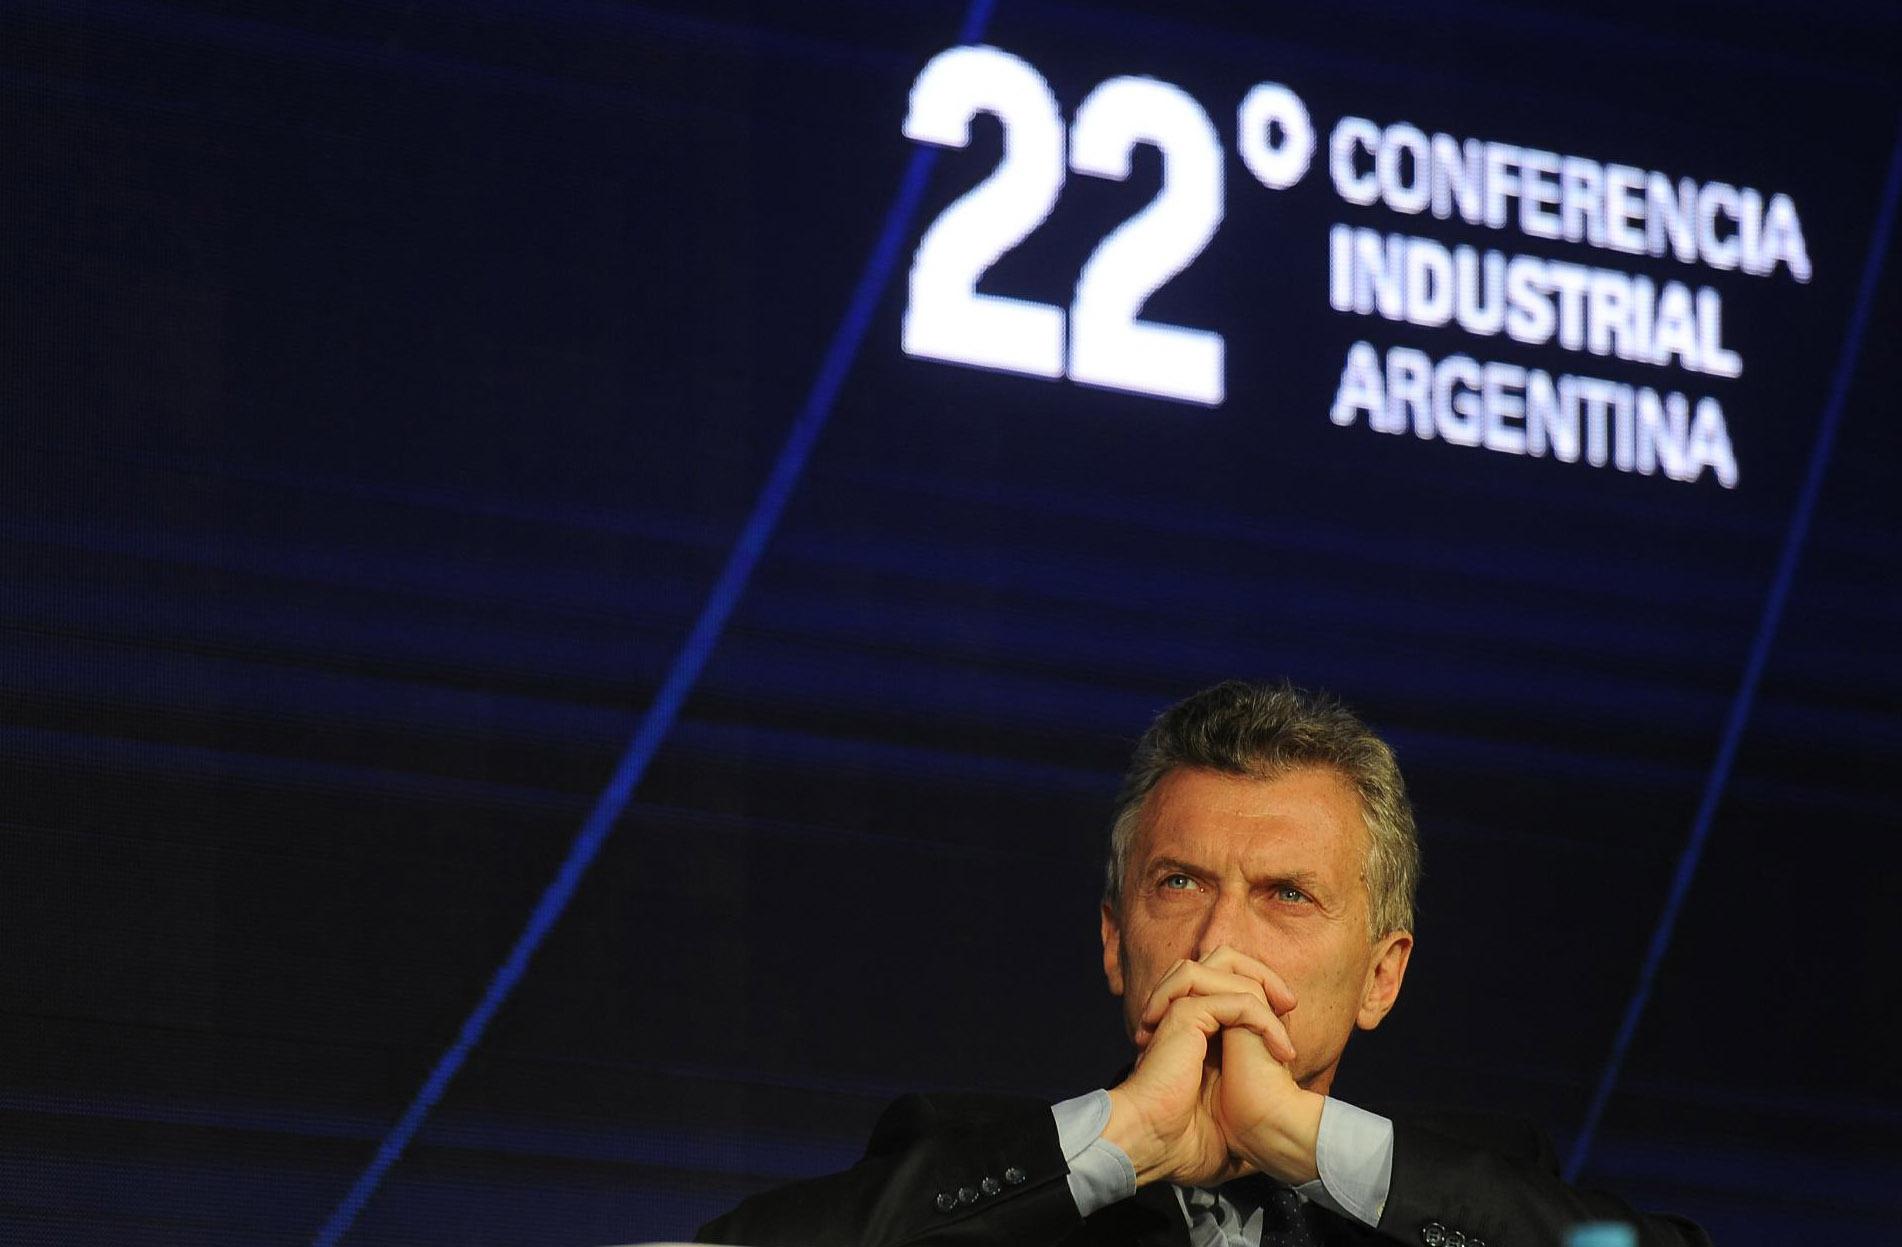 Macriesta semana, durante la 22° Conferencia Industrial de la UIA. No fue una buena semana para el presidente. (Télam)